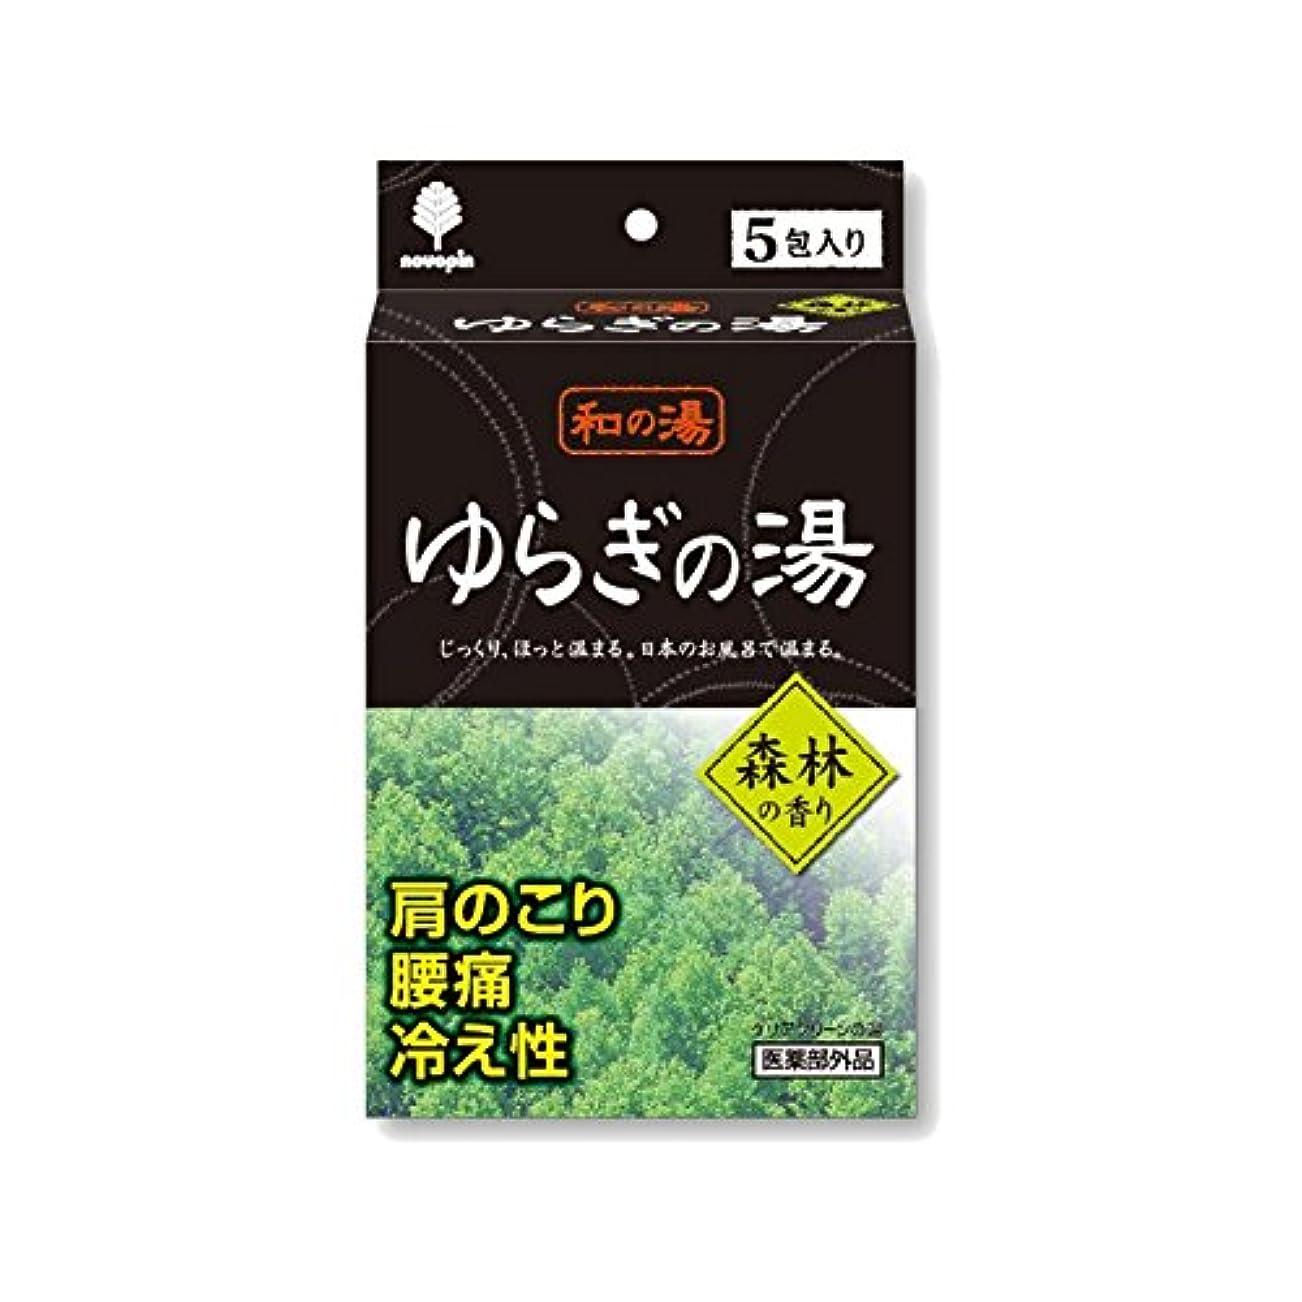 盲信発見する契約する和の湯 ゆらぎの湯 森林の香り(25gx5)x10